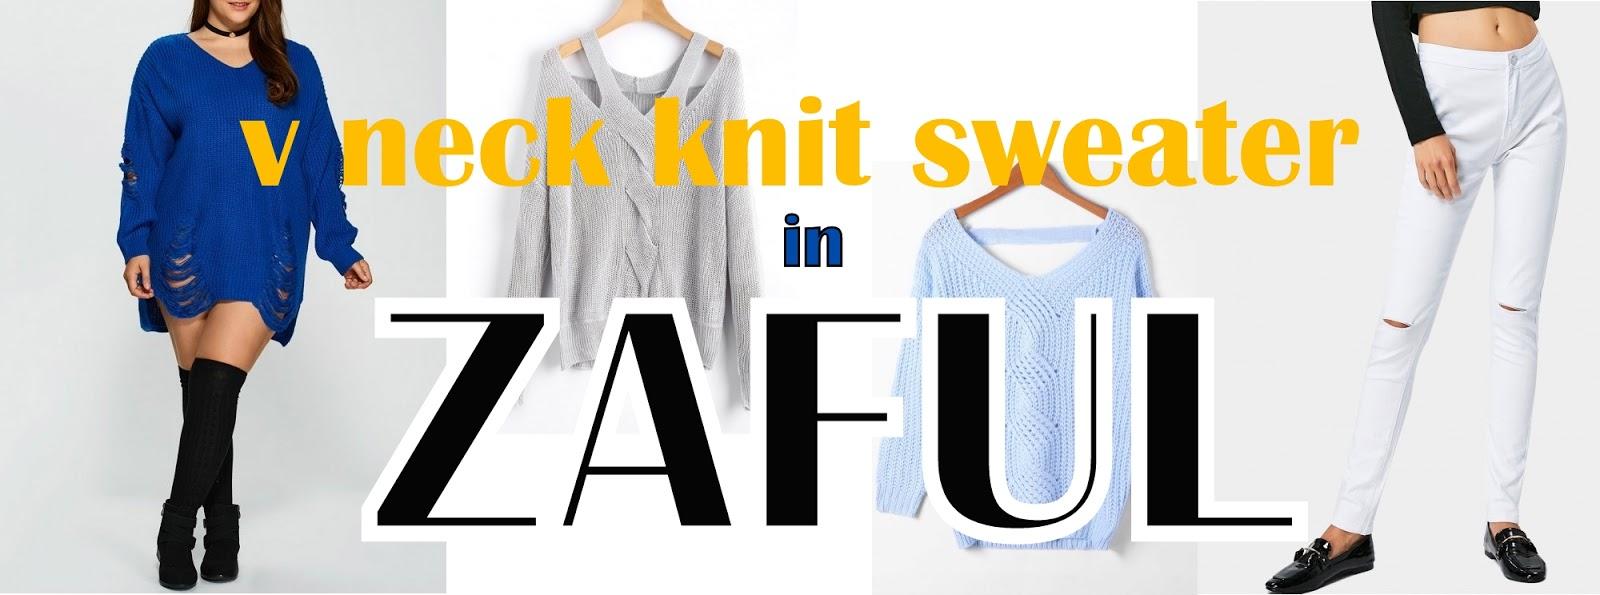 V neck knit sweaters from ZAFUL - Czas na jesienne zakupy ;)